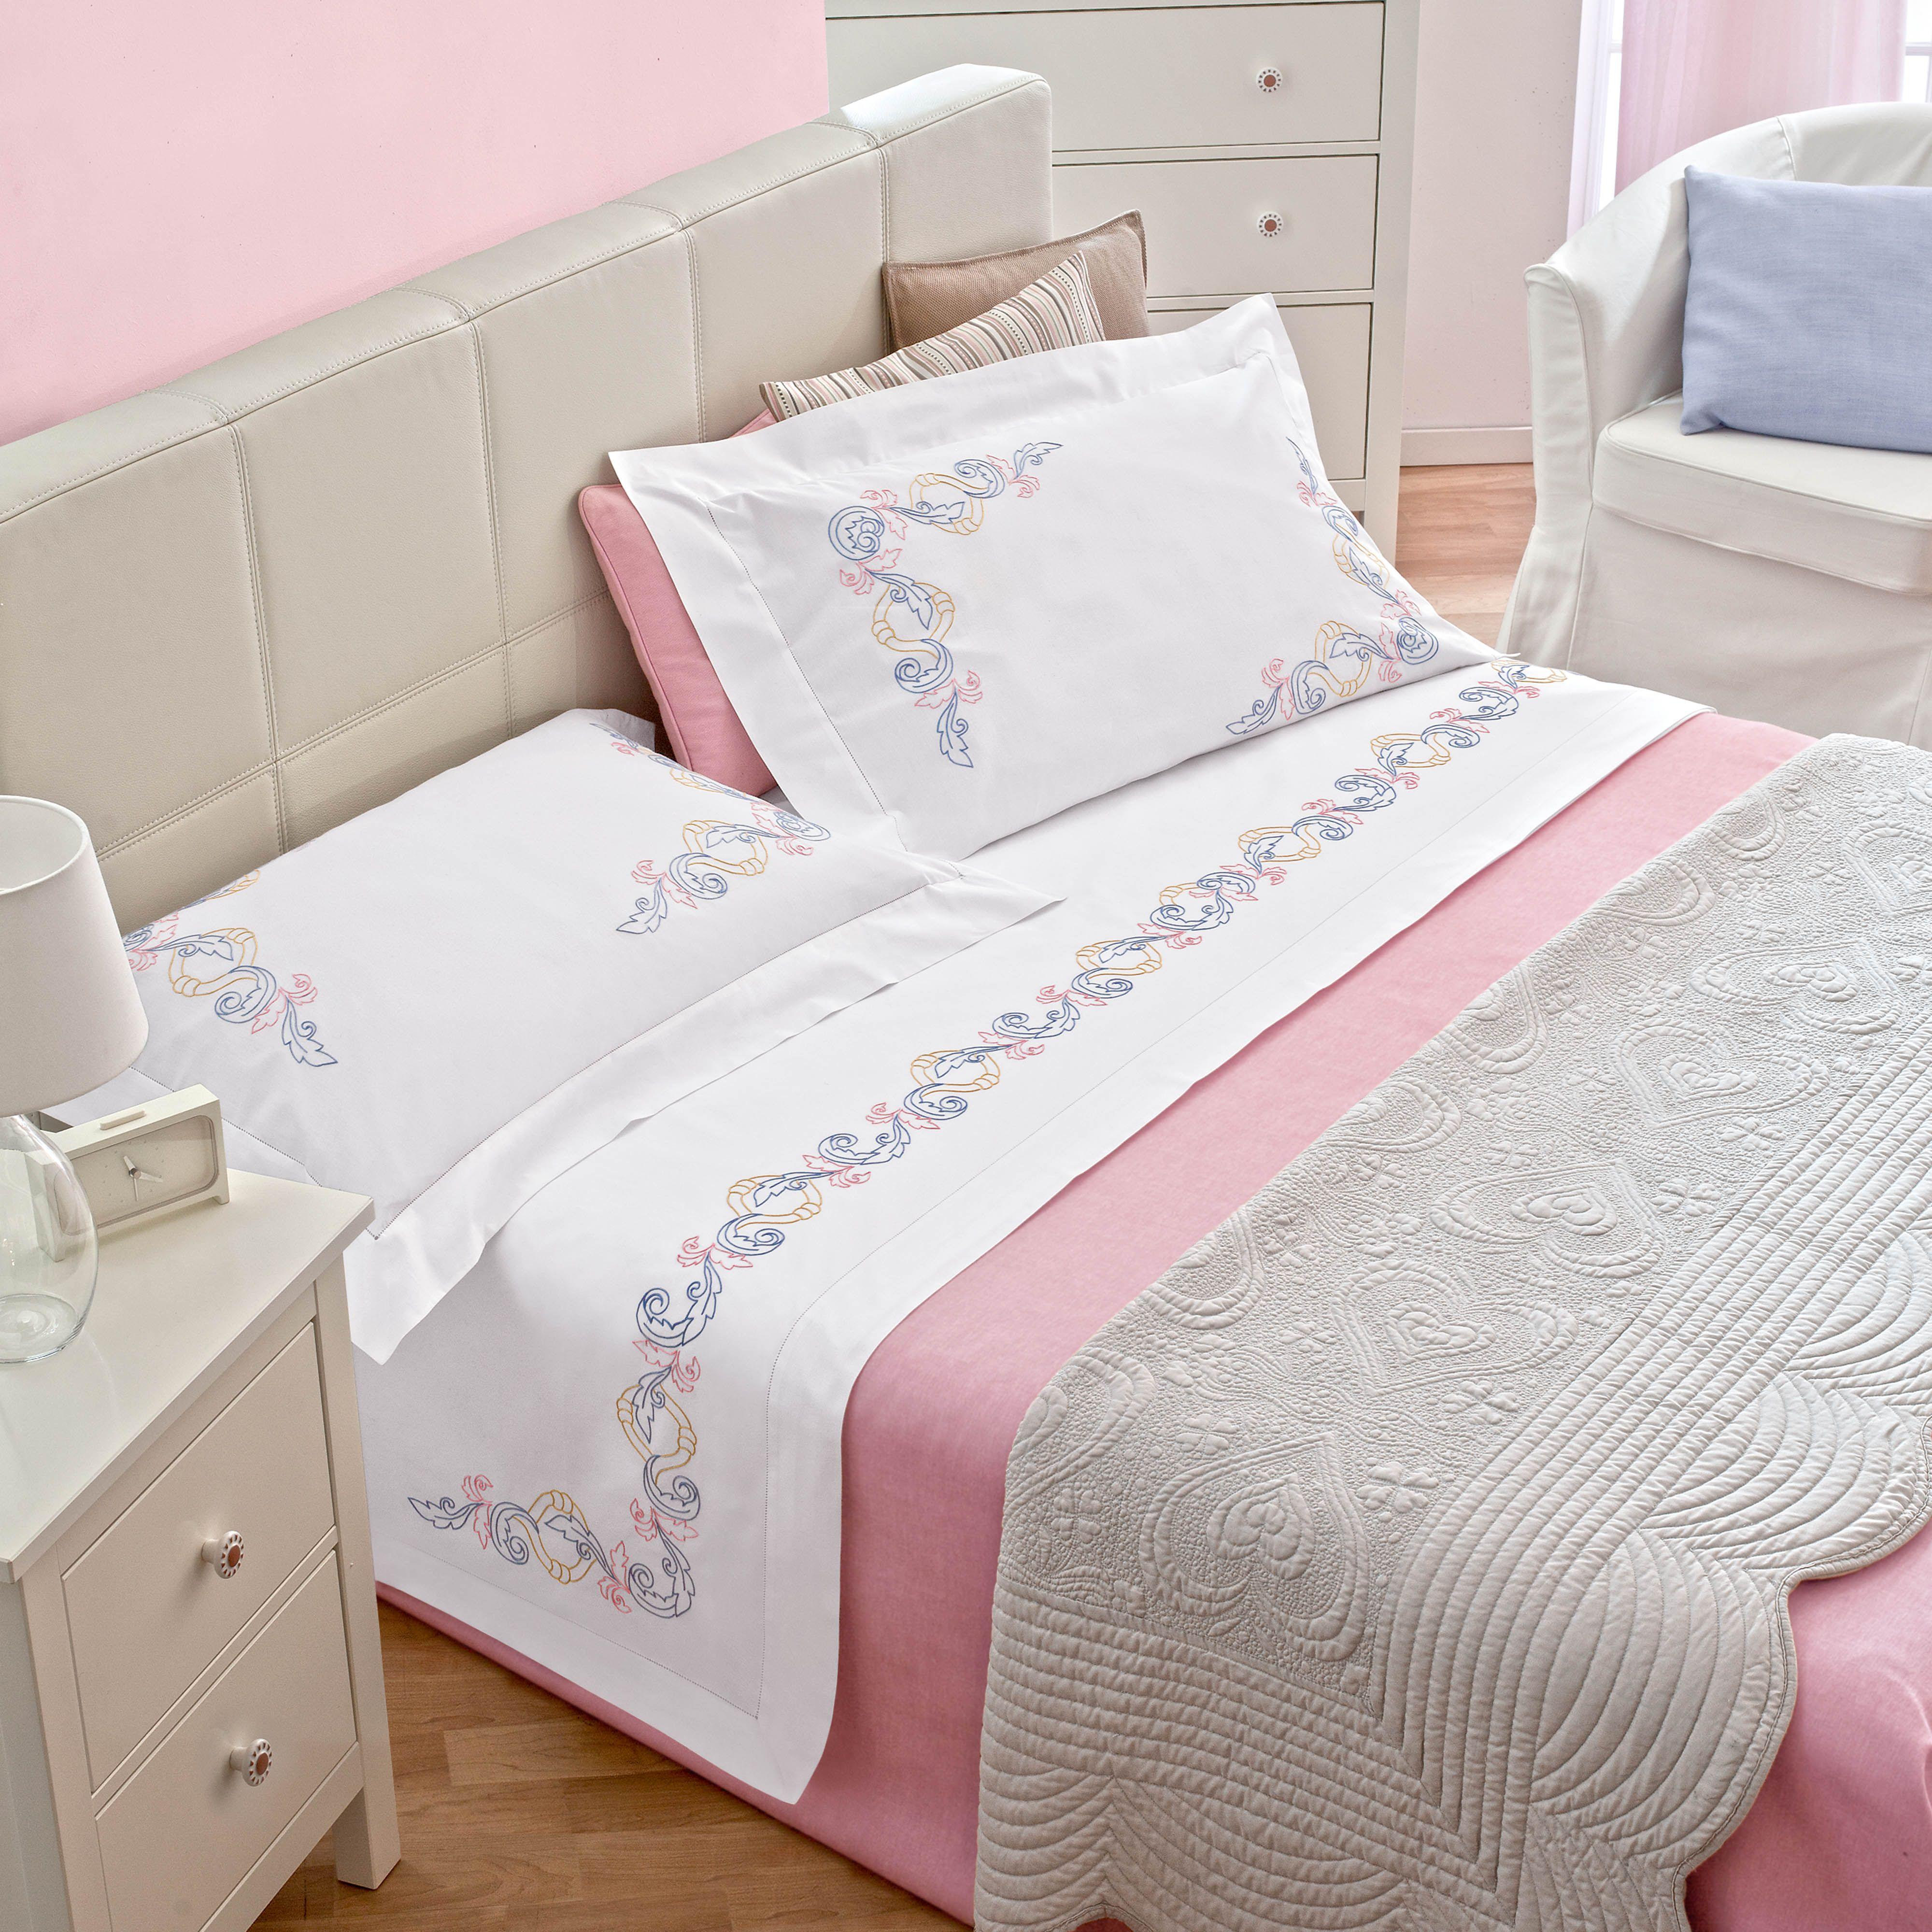 Cotone disegnato per p letto matrimoniale for Biancheria per letto matrimoniale